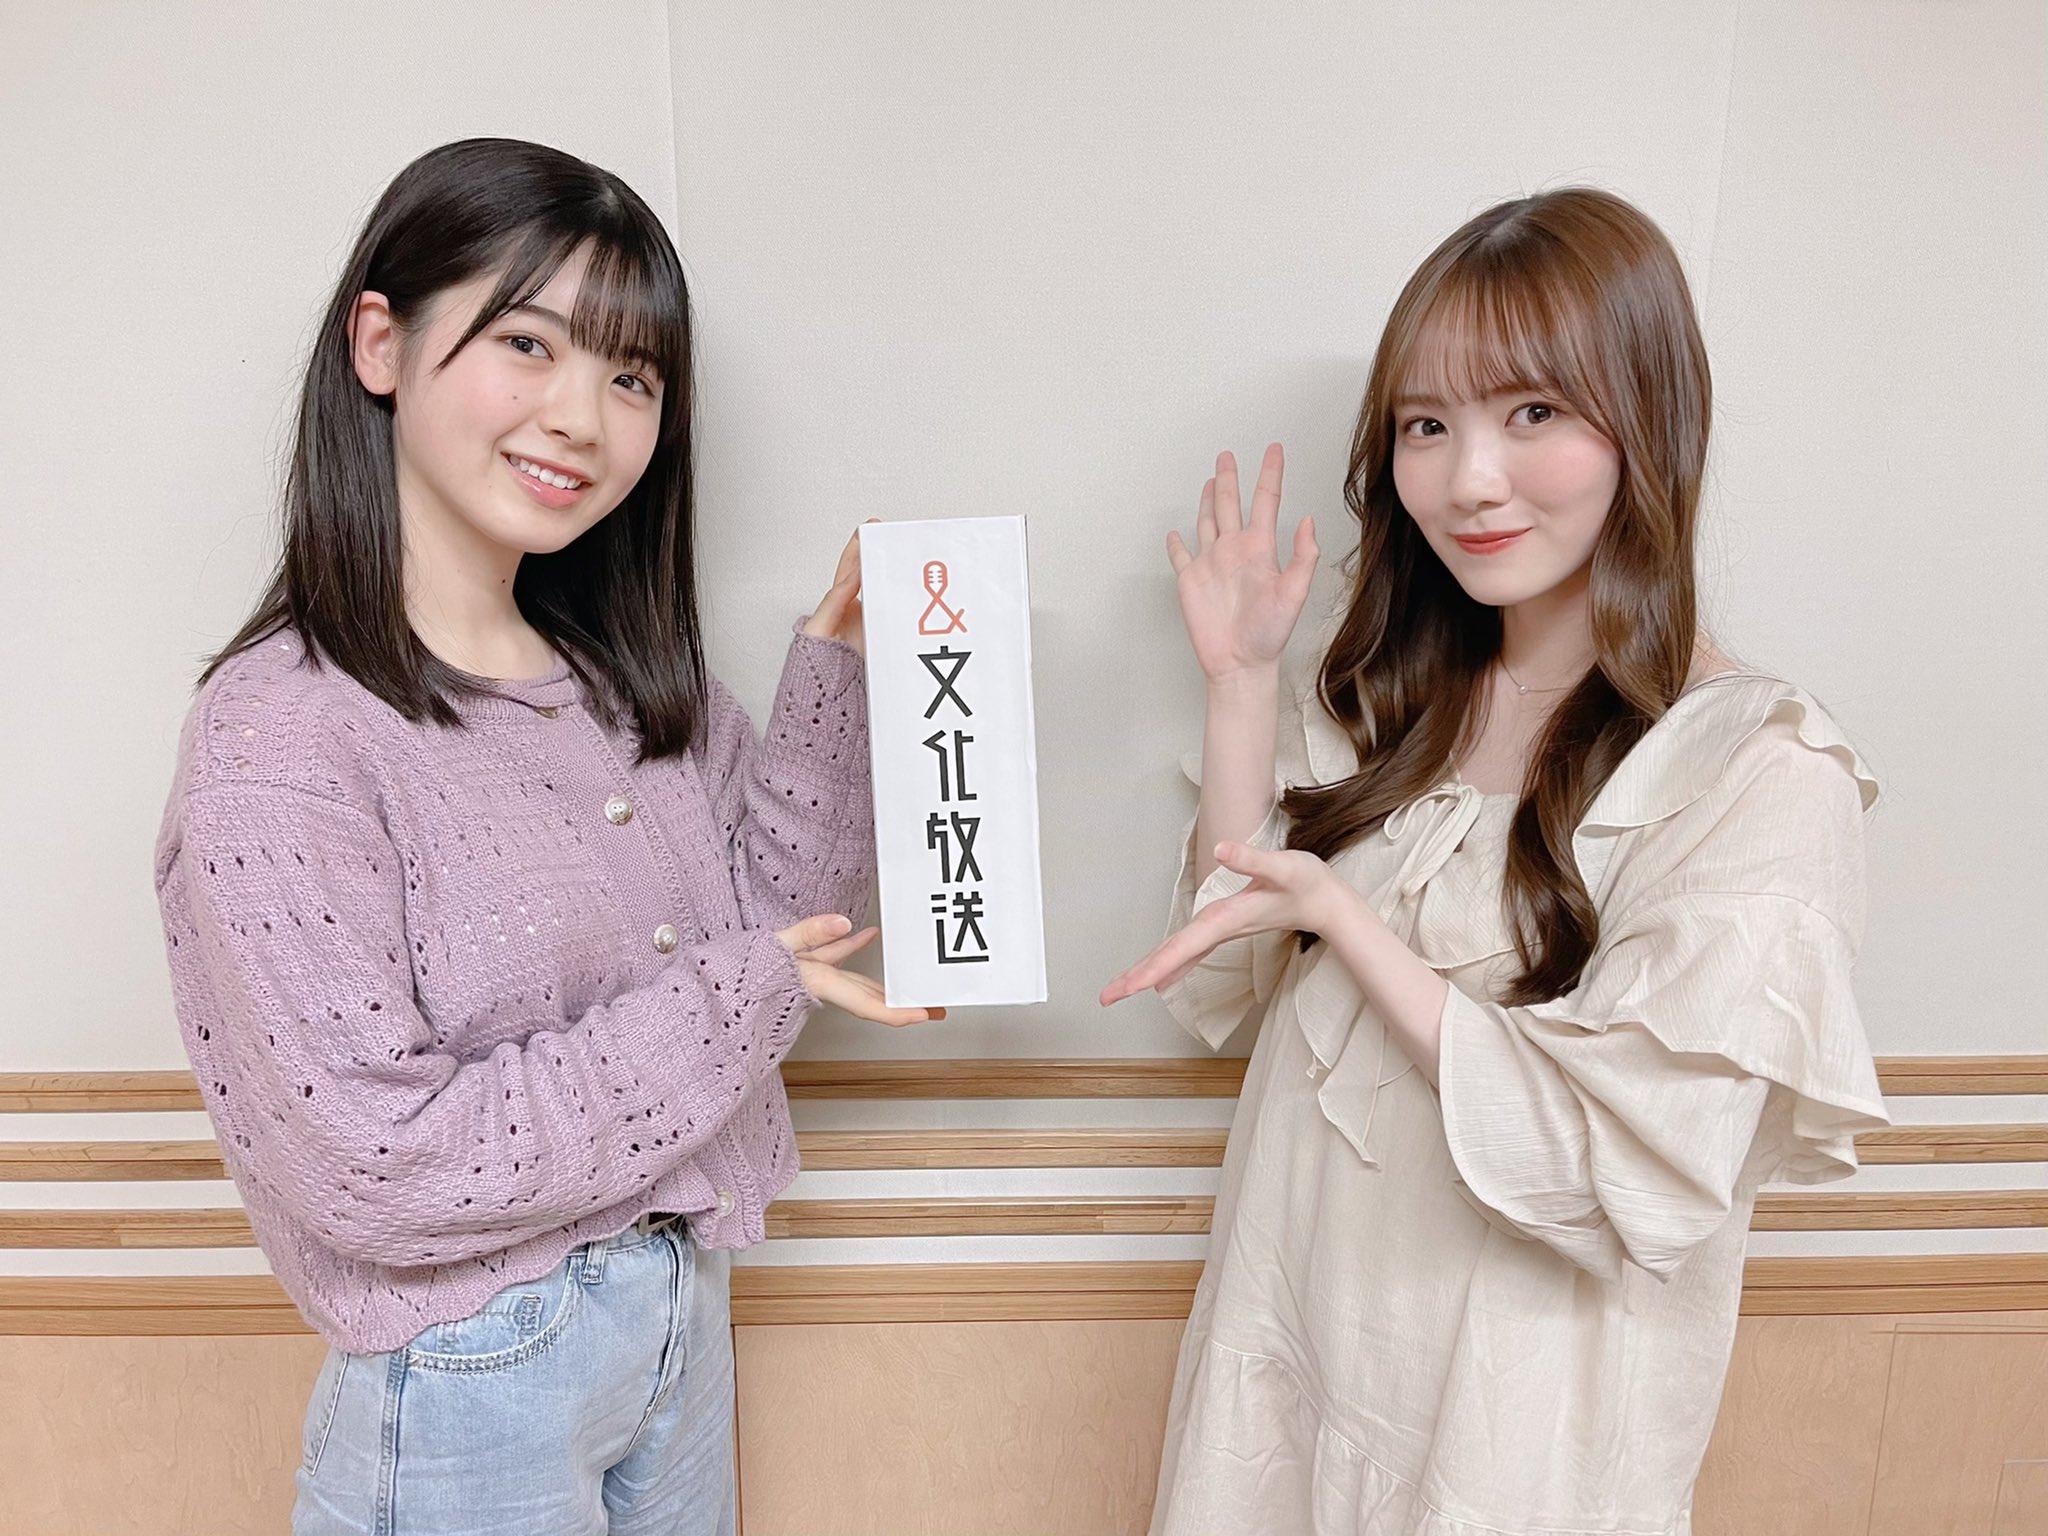 乃木坂46の「の」 筒井あやめ 田村真佑